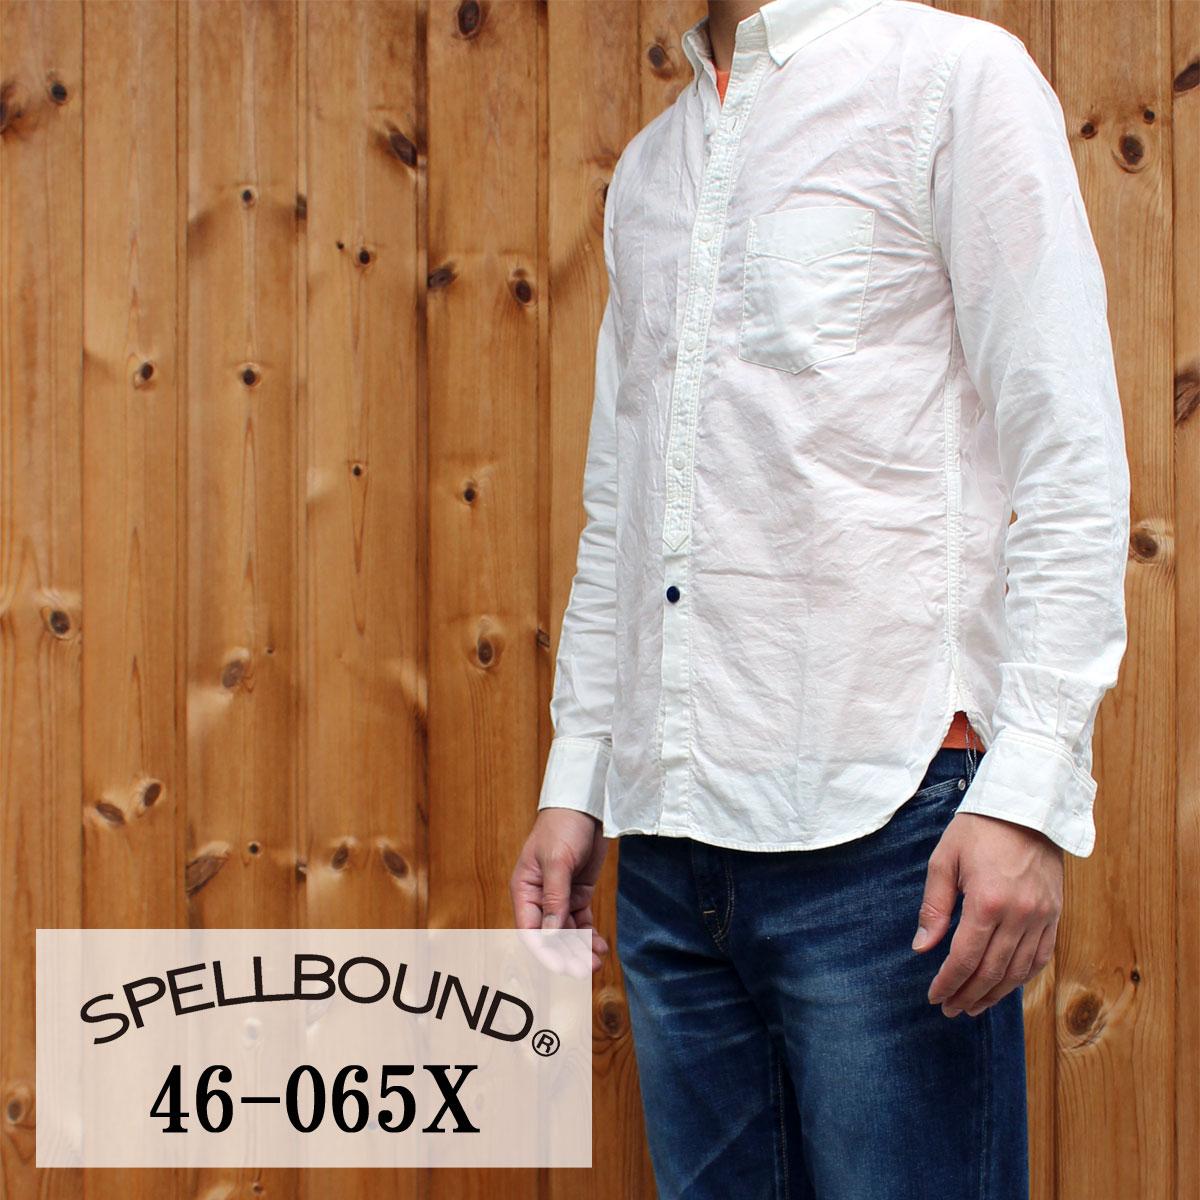 SPELLBOUND:オリジナルオックス・ボタンダウンシャツ(オフホワイト):46-065X SPELLBOUND(スペルバウンド)SHIRT